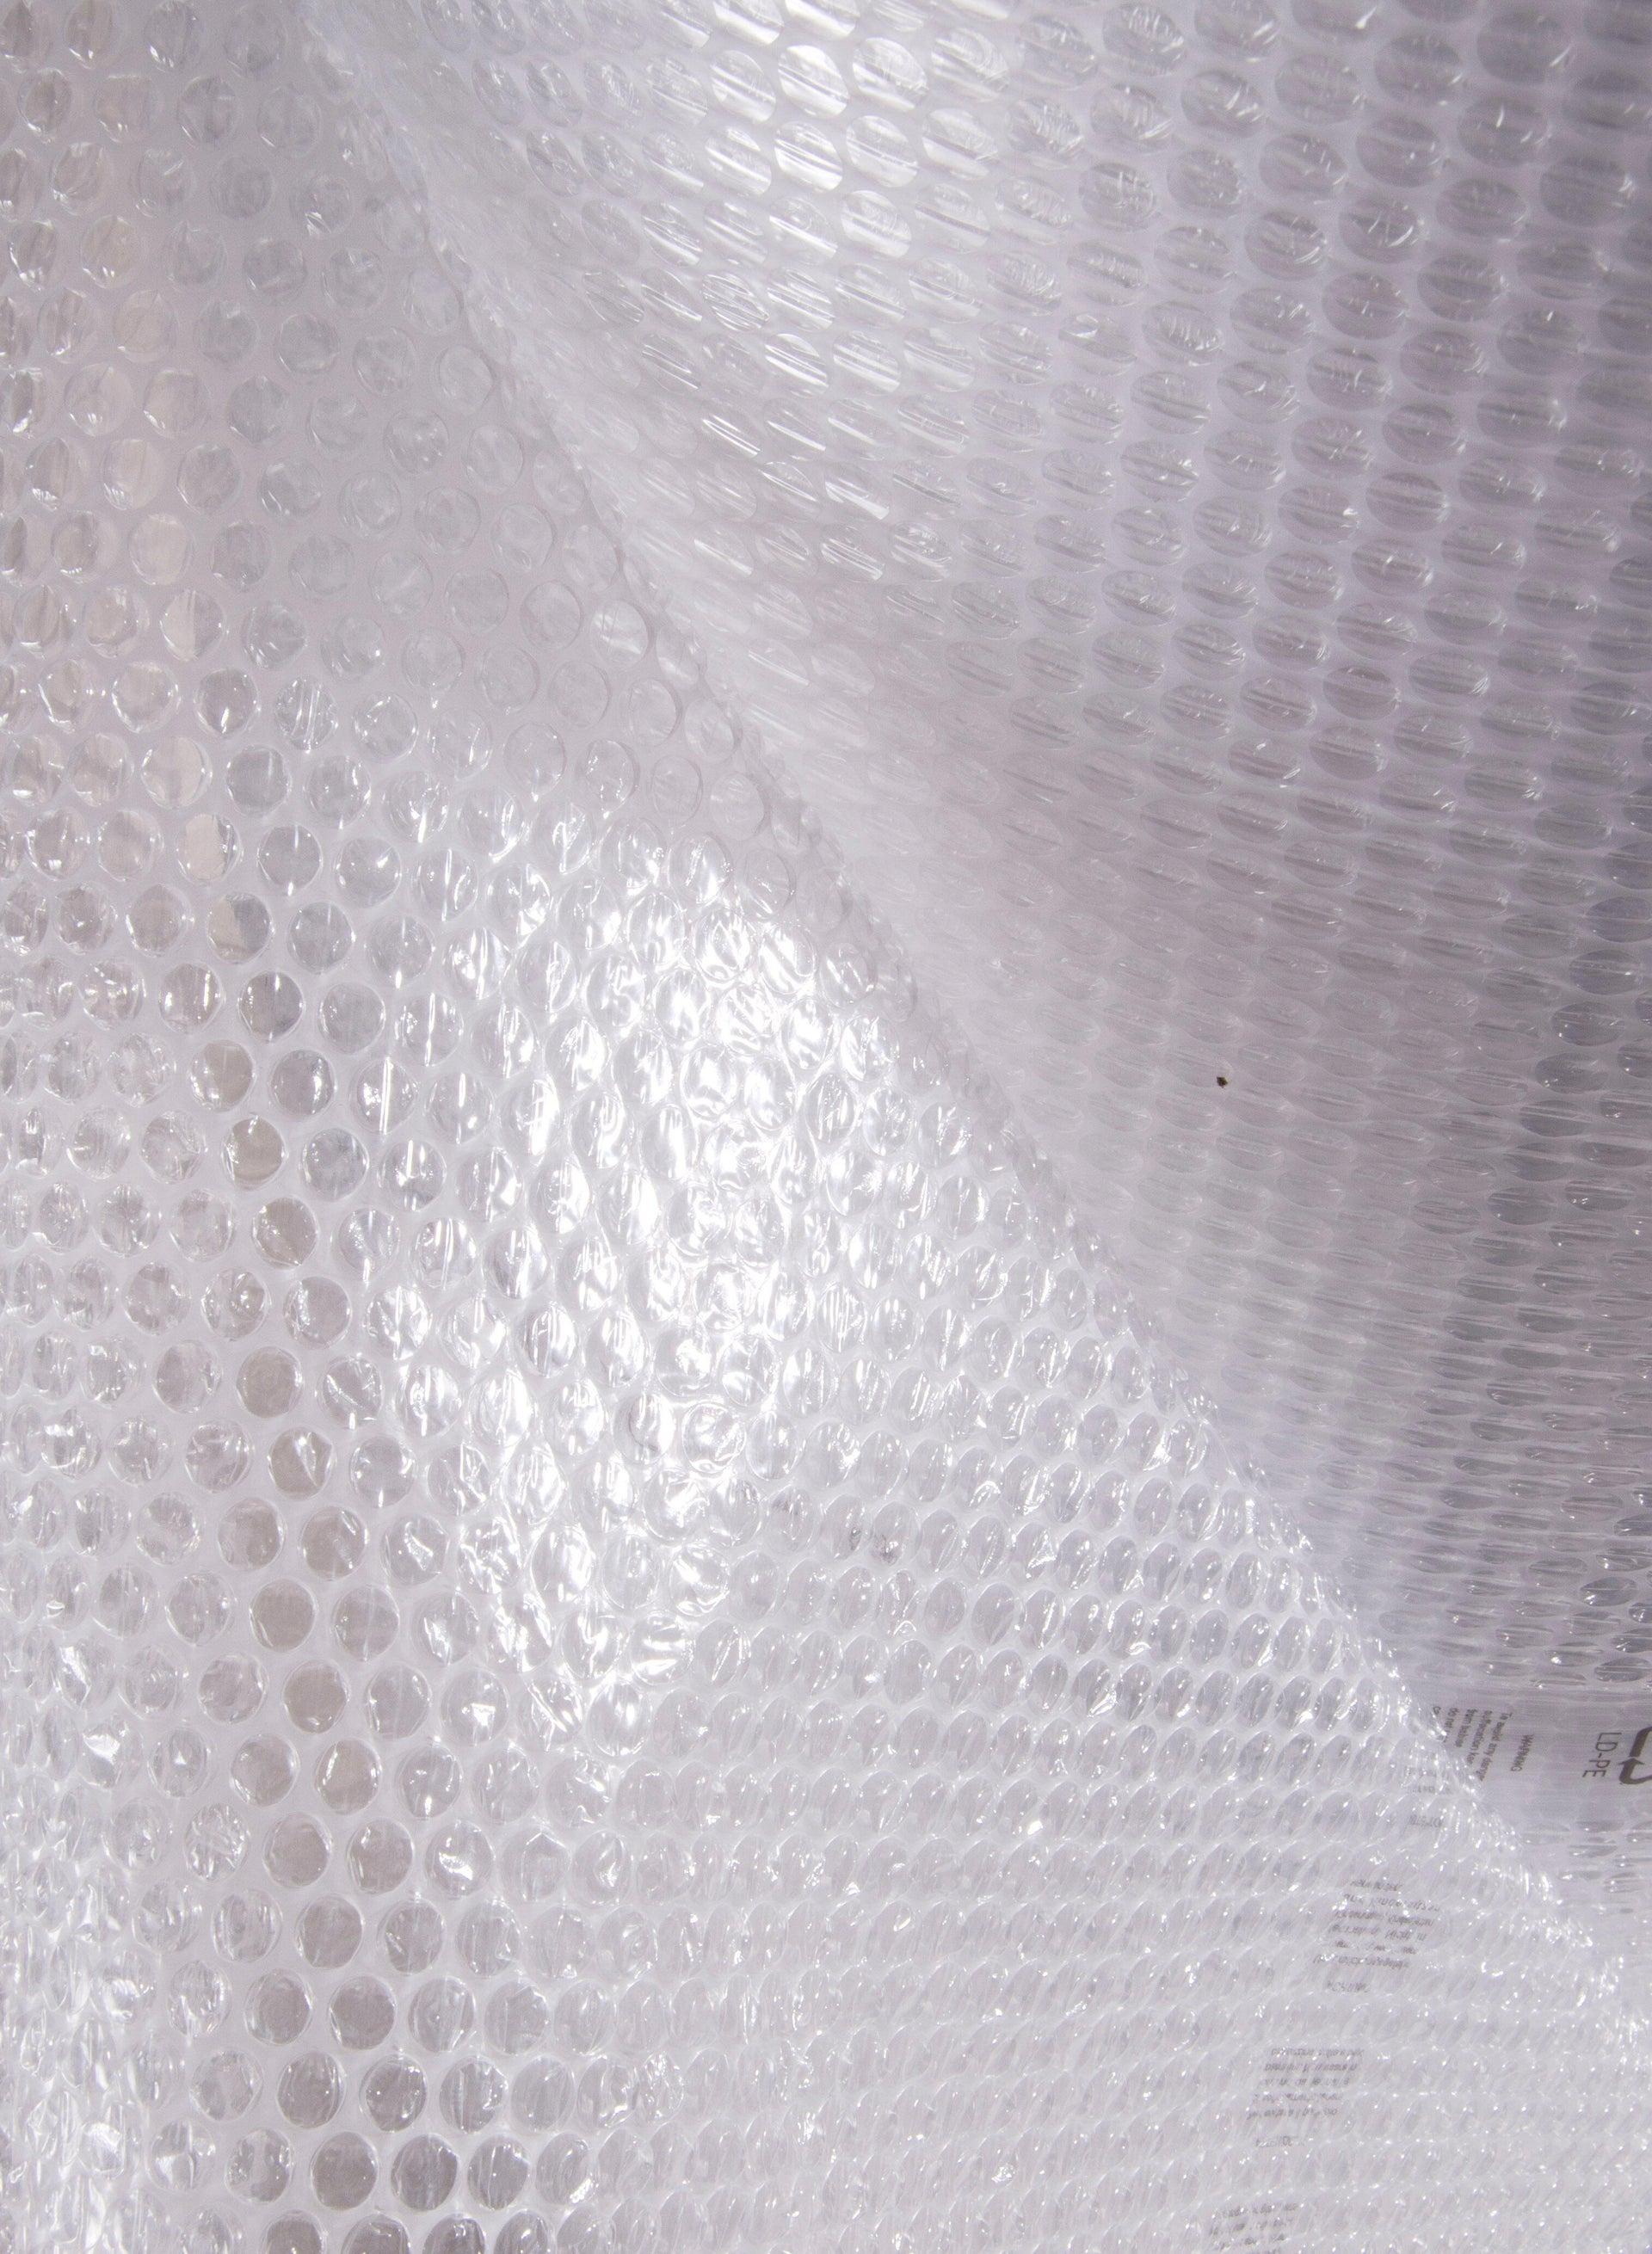 Pellicola protettiva in polietilene L 1 m x H 100 cm 5 g/m² - 1